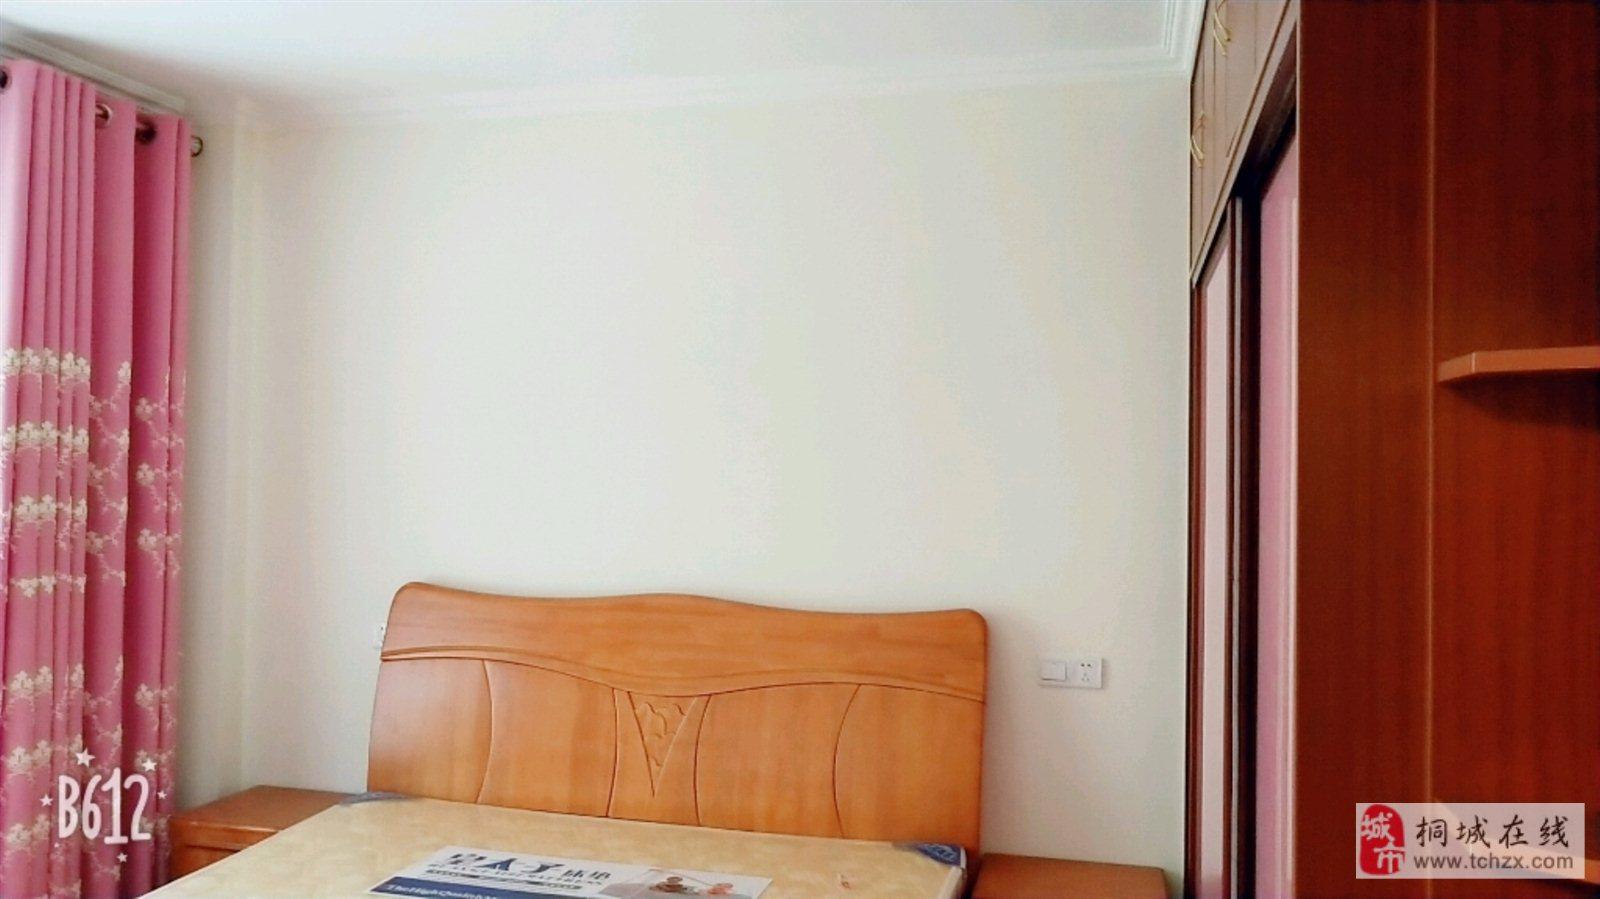 天正香樟园附近供销社宿舍楼三室精装房户型方正交通便